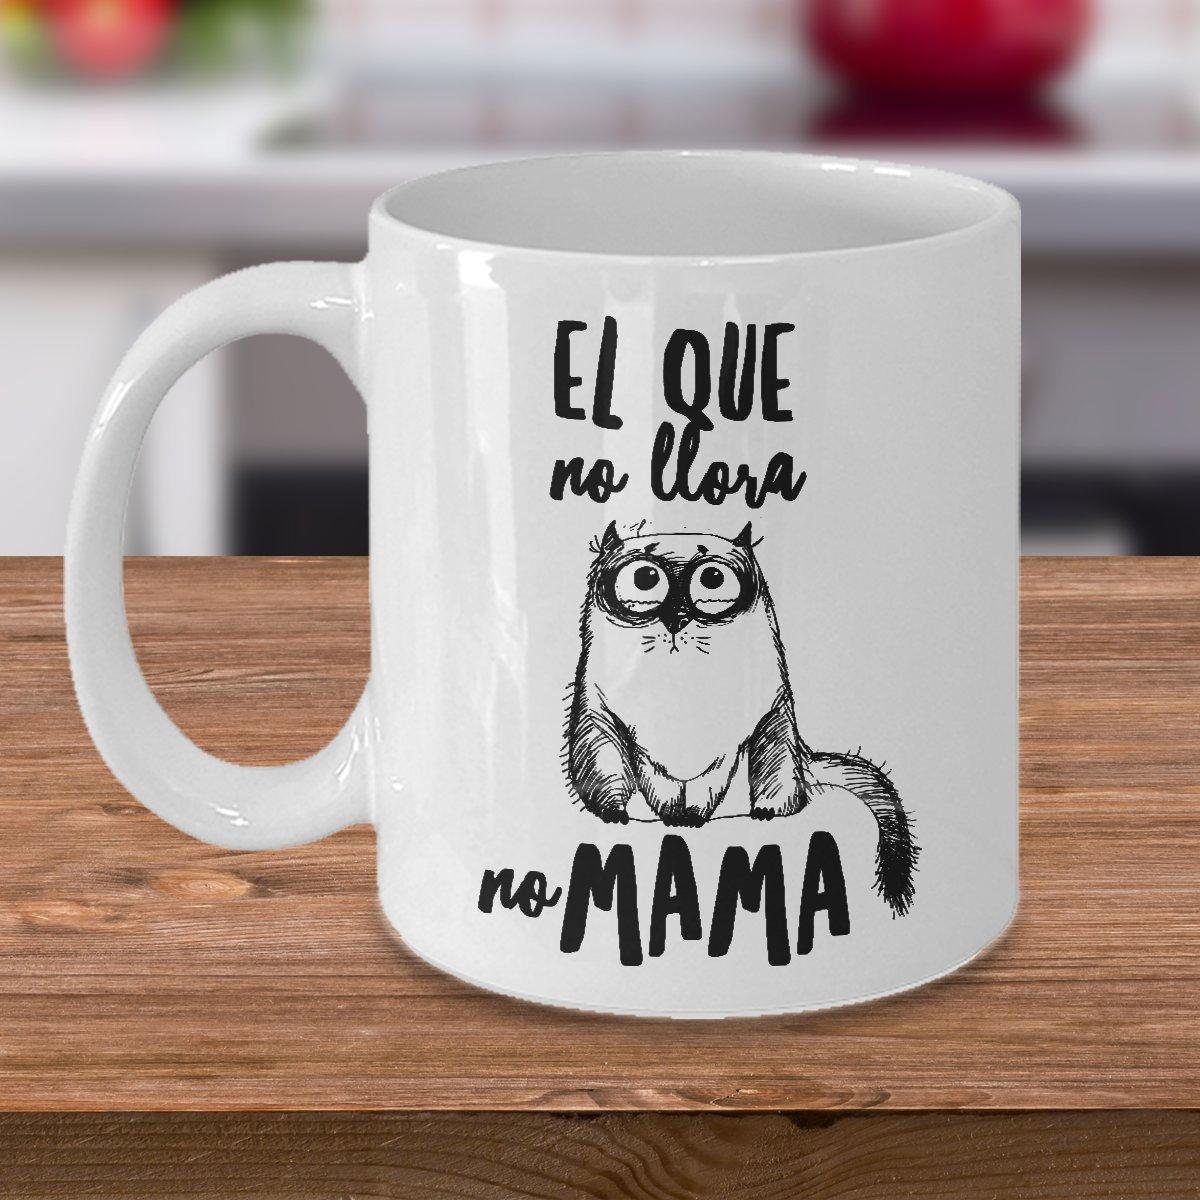 Amazon.com: Taza de Cafe Chistosa de Gato ; Mug in Spanish ; Humor Latino Gift: Kitchen & Dining